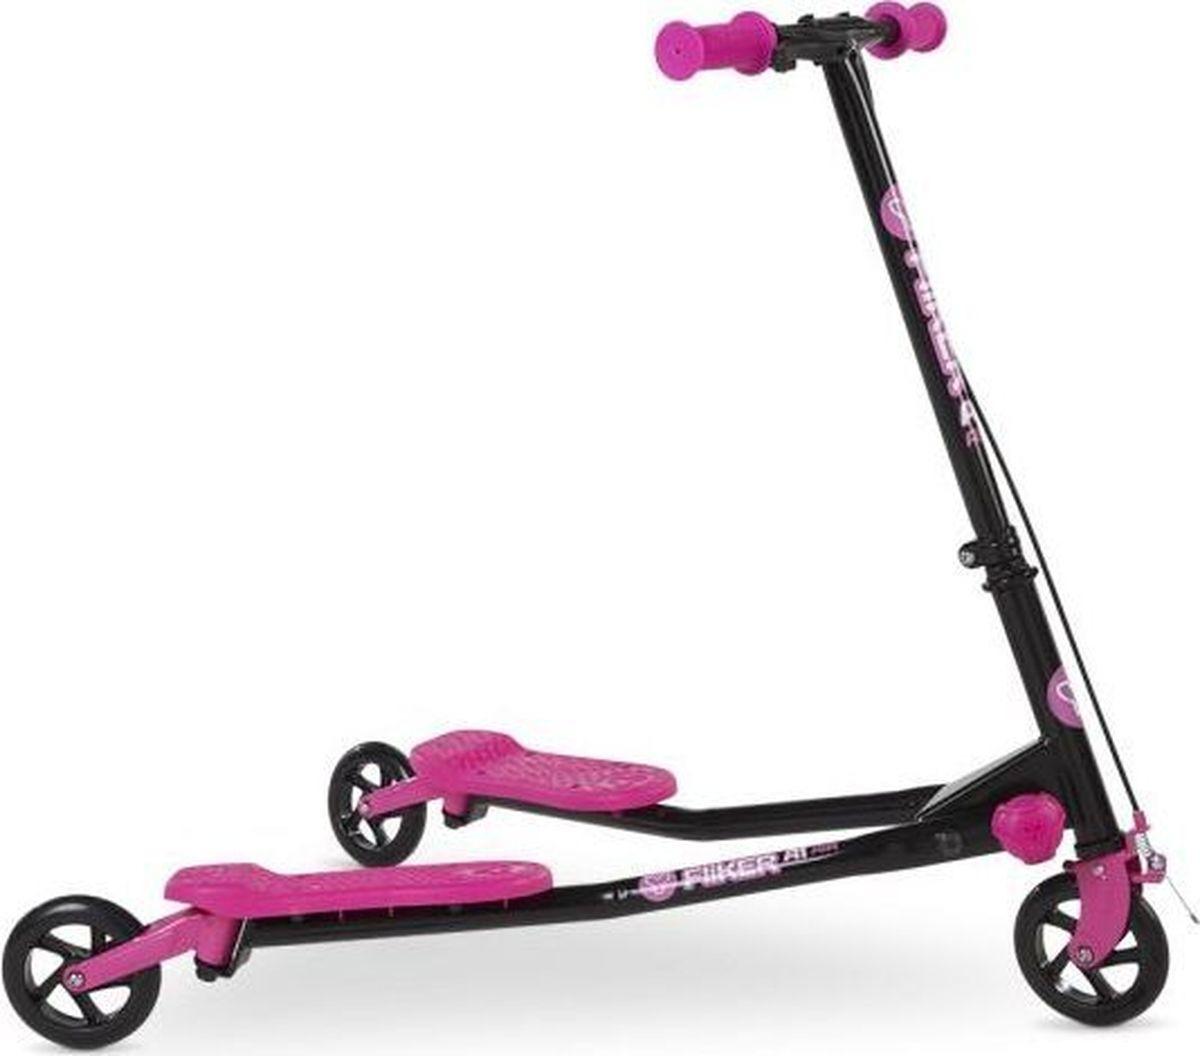 Самокат инерционный детский Yvolution Fliker Air A1, 100031, розовый цена